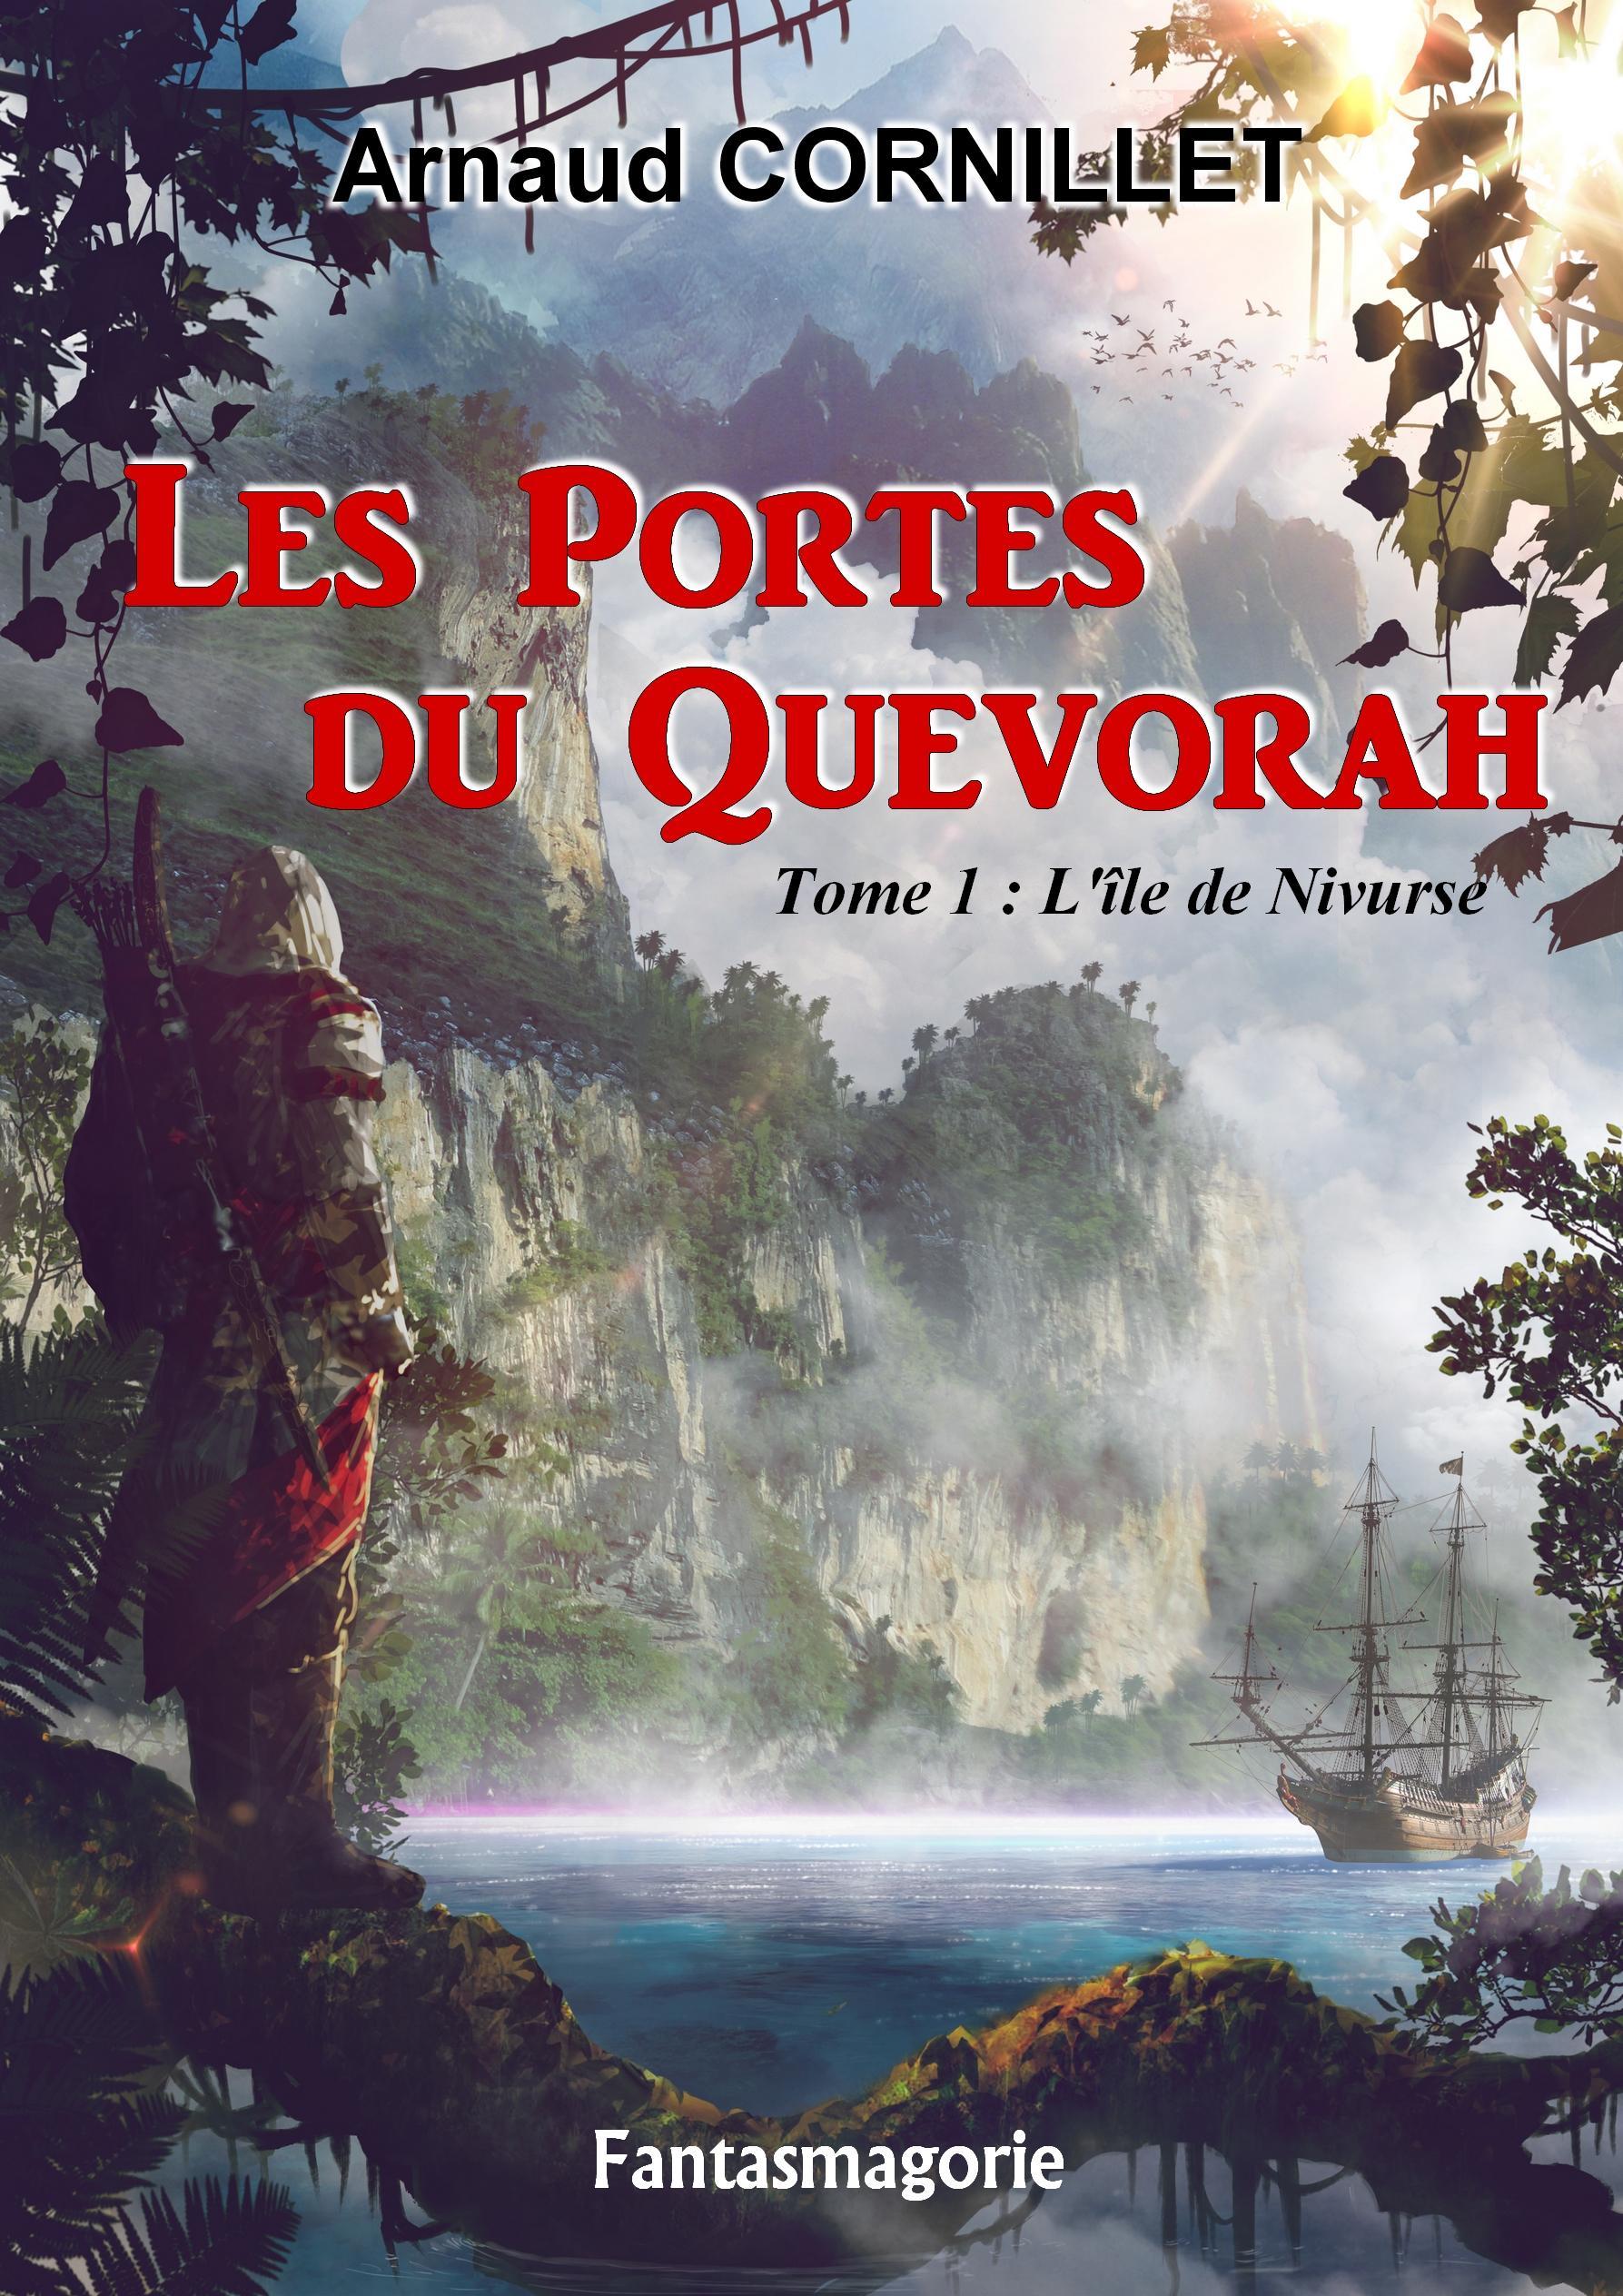 Les portes du Quevorah, L'ÎLE DE NIVURSE